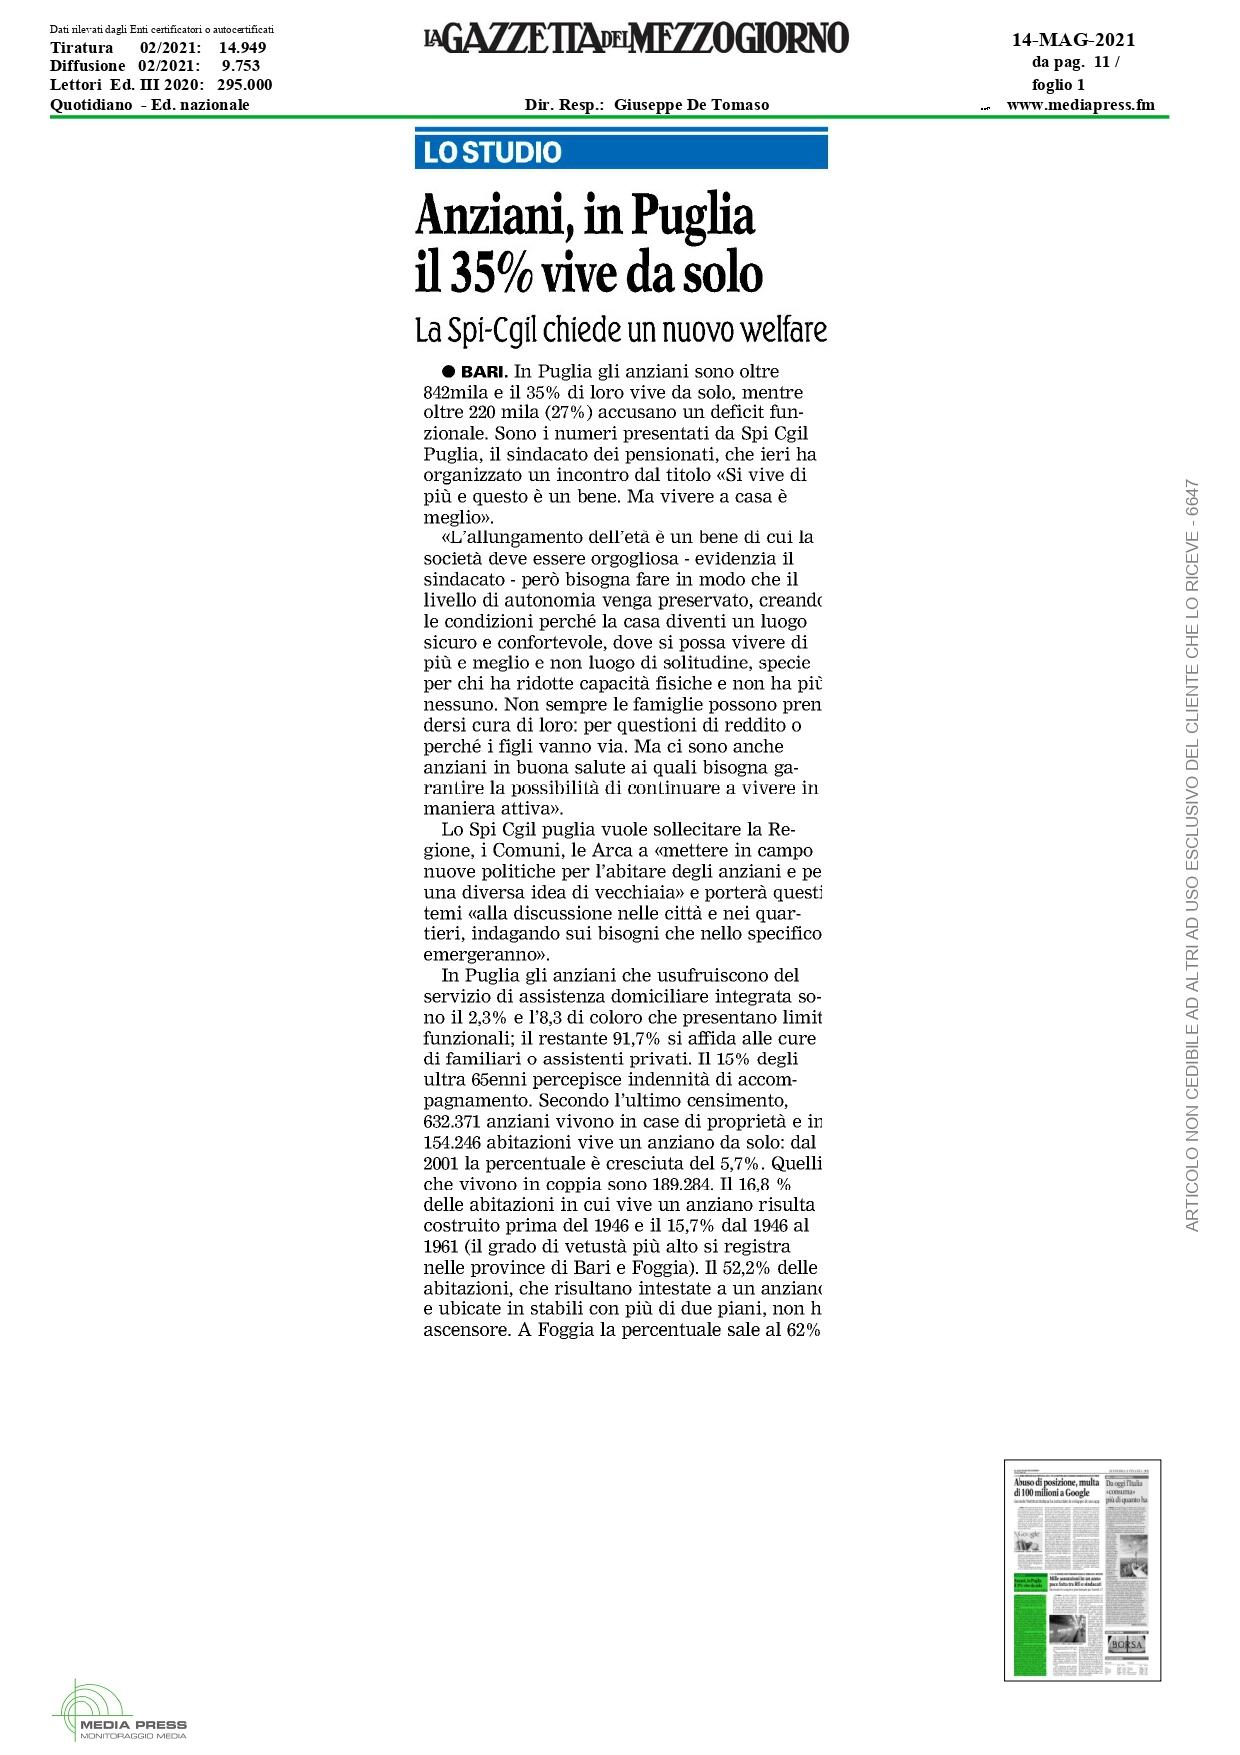 anziani in Puglia il 35 vive da solo_page-0001